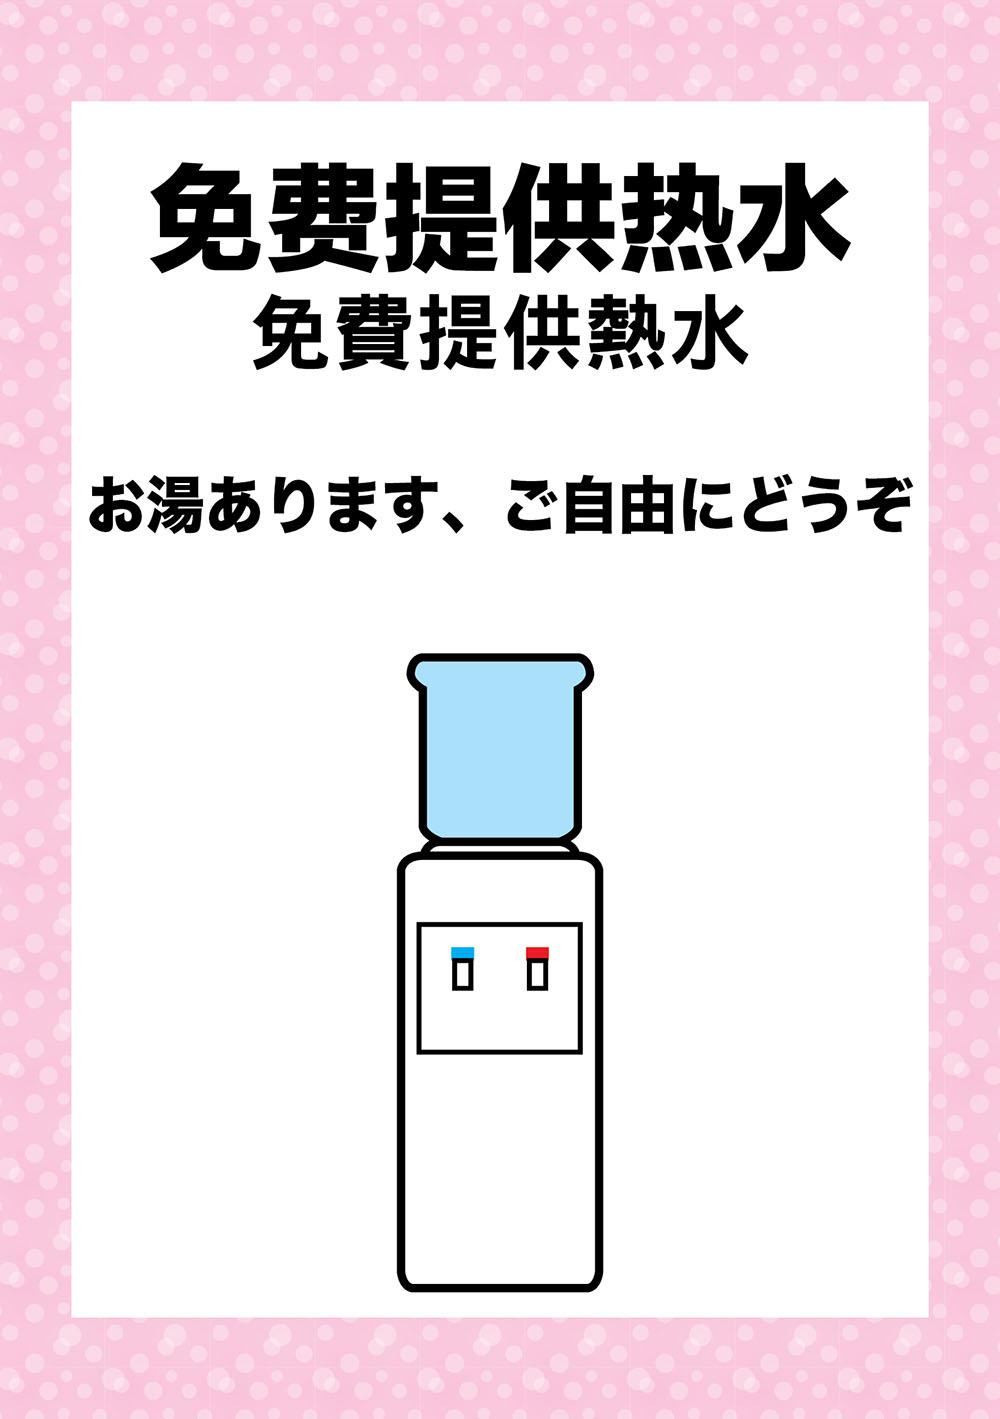 免费提供热水